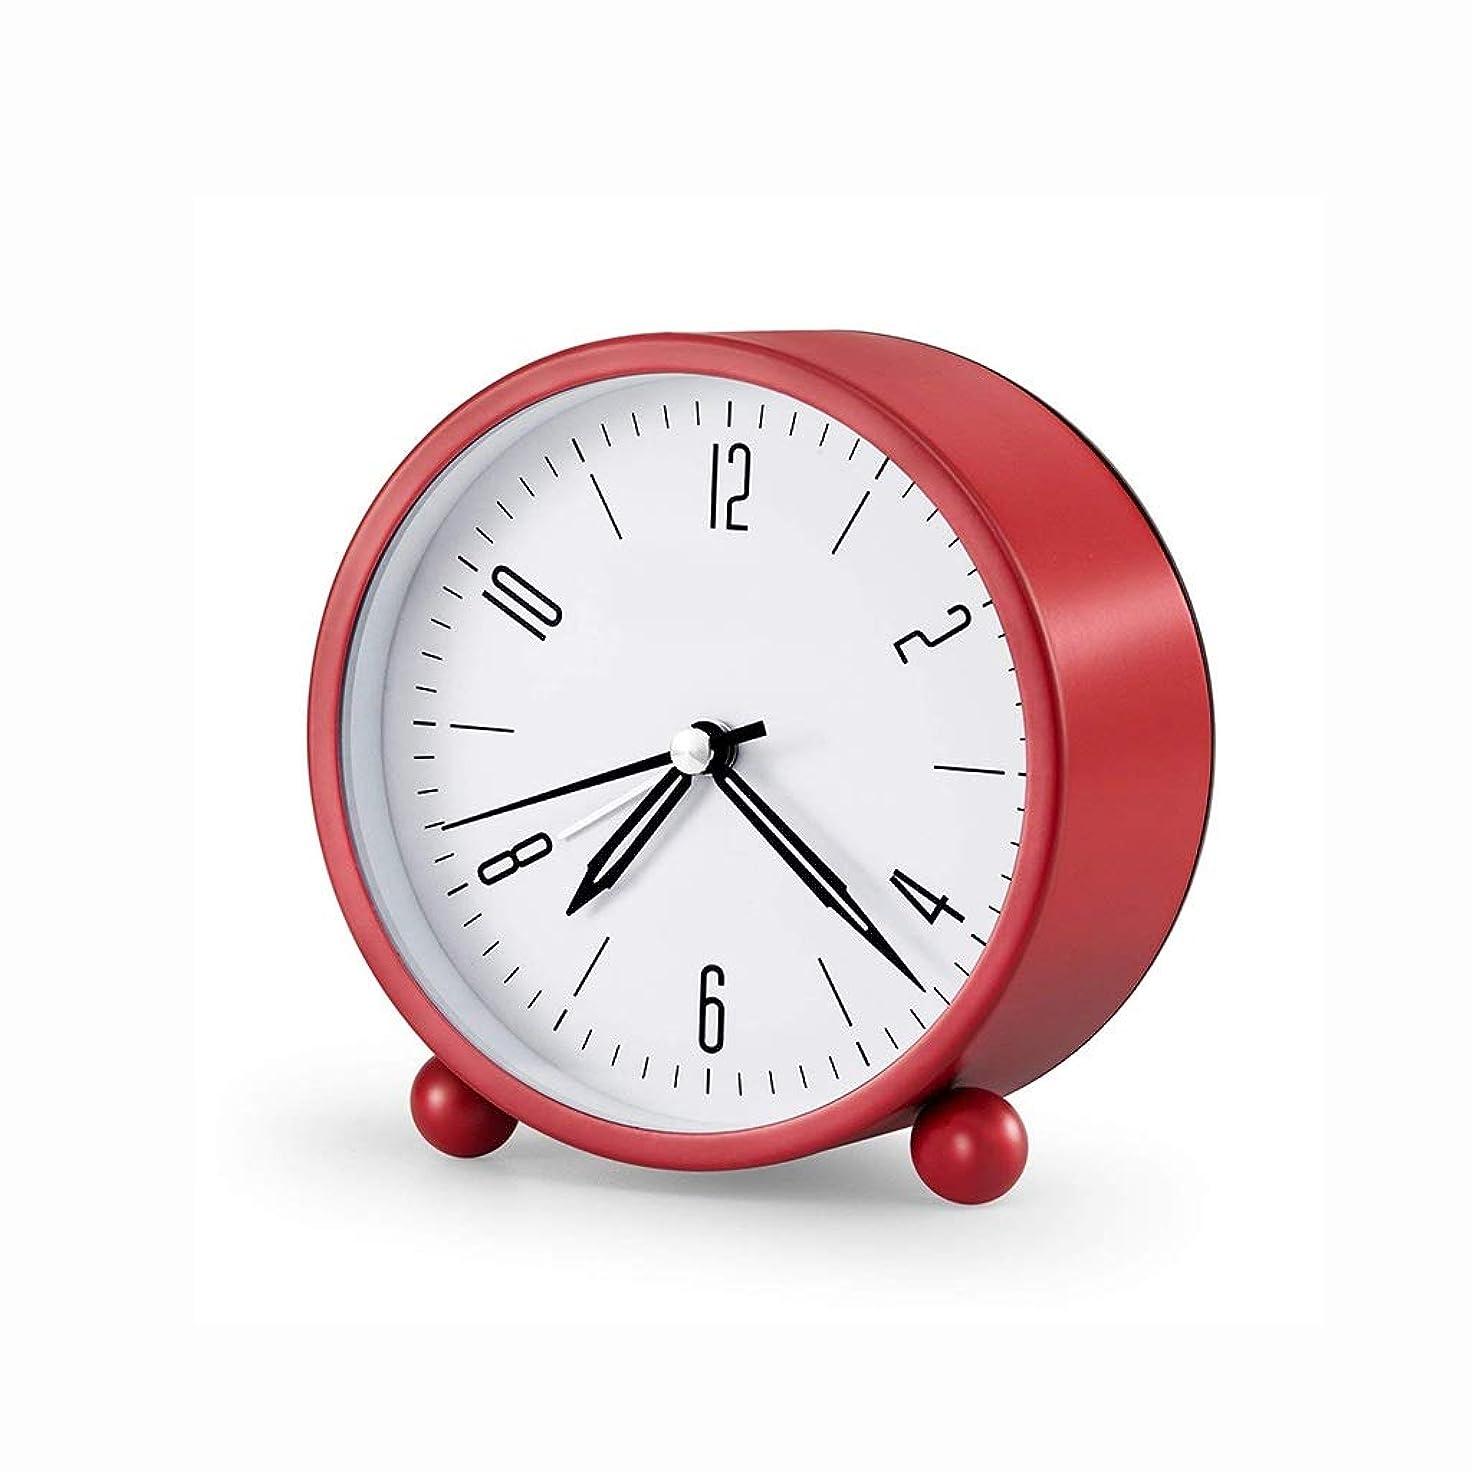 署名スロープタイプライター電子目覚まし時計大音量アラームアラーム超大怠惰な目を覚ます目を覚ます学生のベッドサイドクロック (色 : 赤)